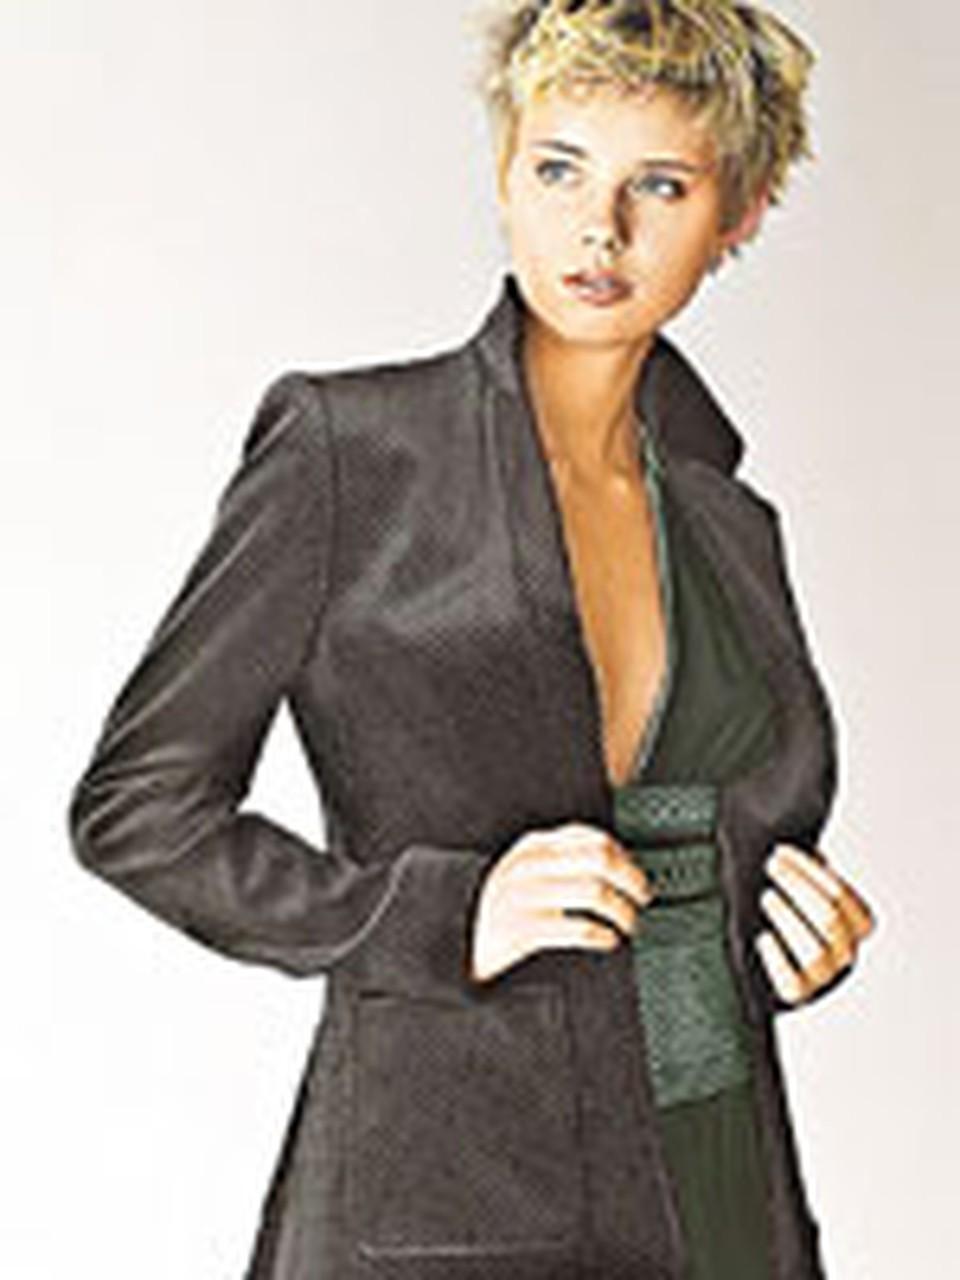 21-летнюю Машу Алалыкину называли самой красивой участницей группы «Фабрика». Рост девушки - 170, грудь - 81, талия - 62, бедра - 92. А глаза у нее - серо-зеленые!